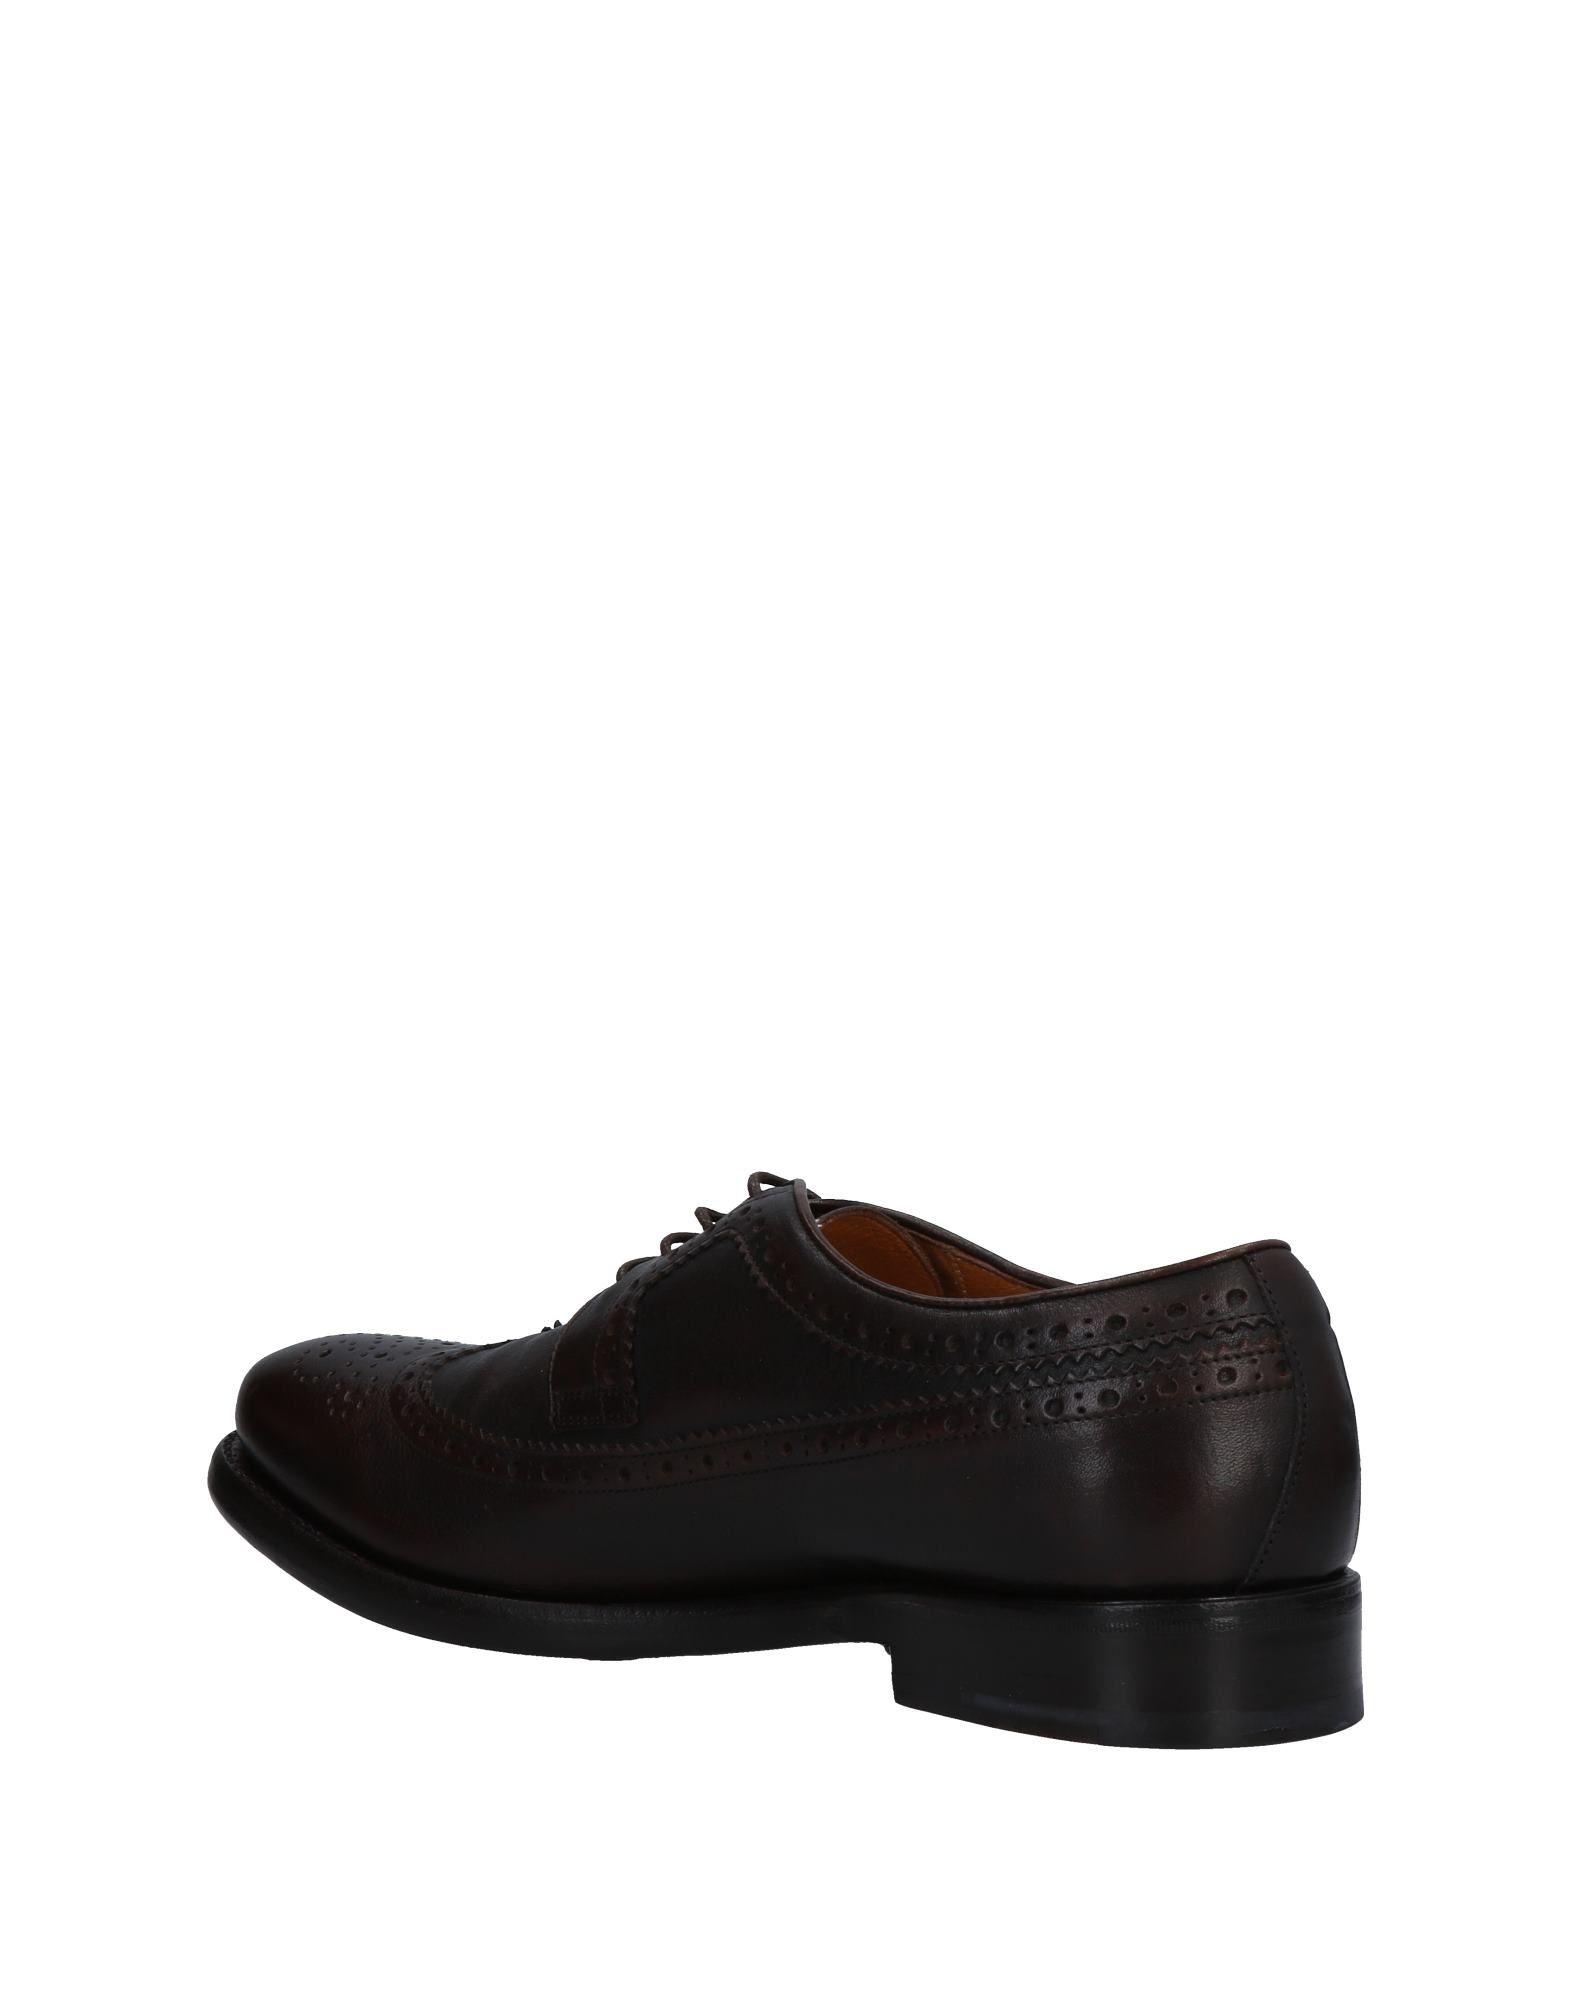 Eleventy Heiße Schnürschuhe Herren  11467768IS Heiße Eleventy Schuhe a9f5b7